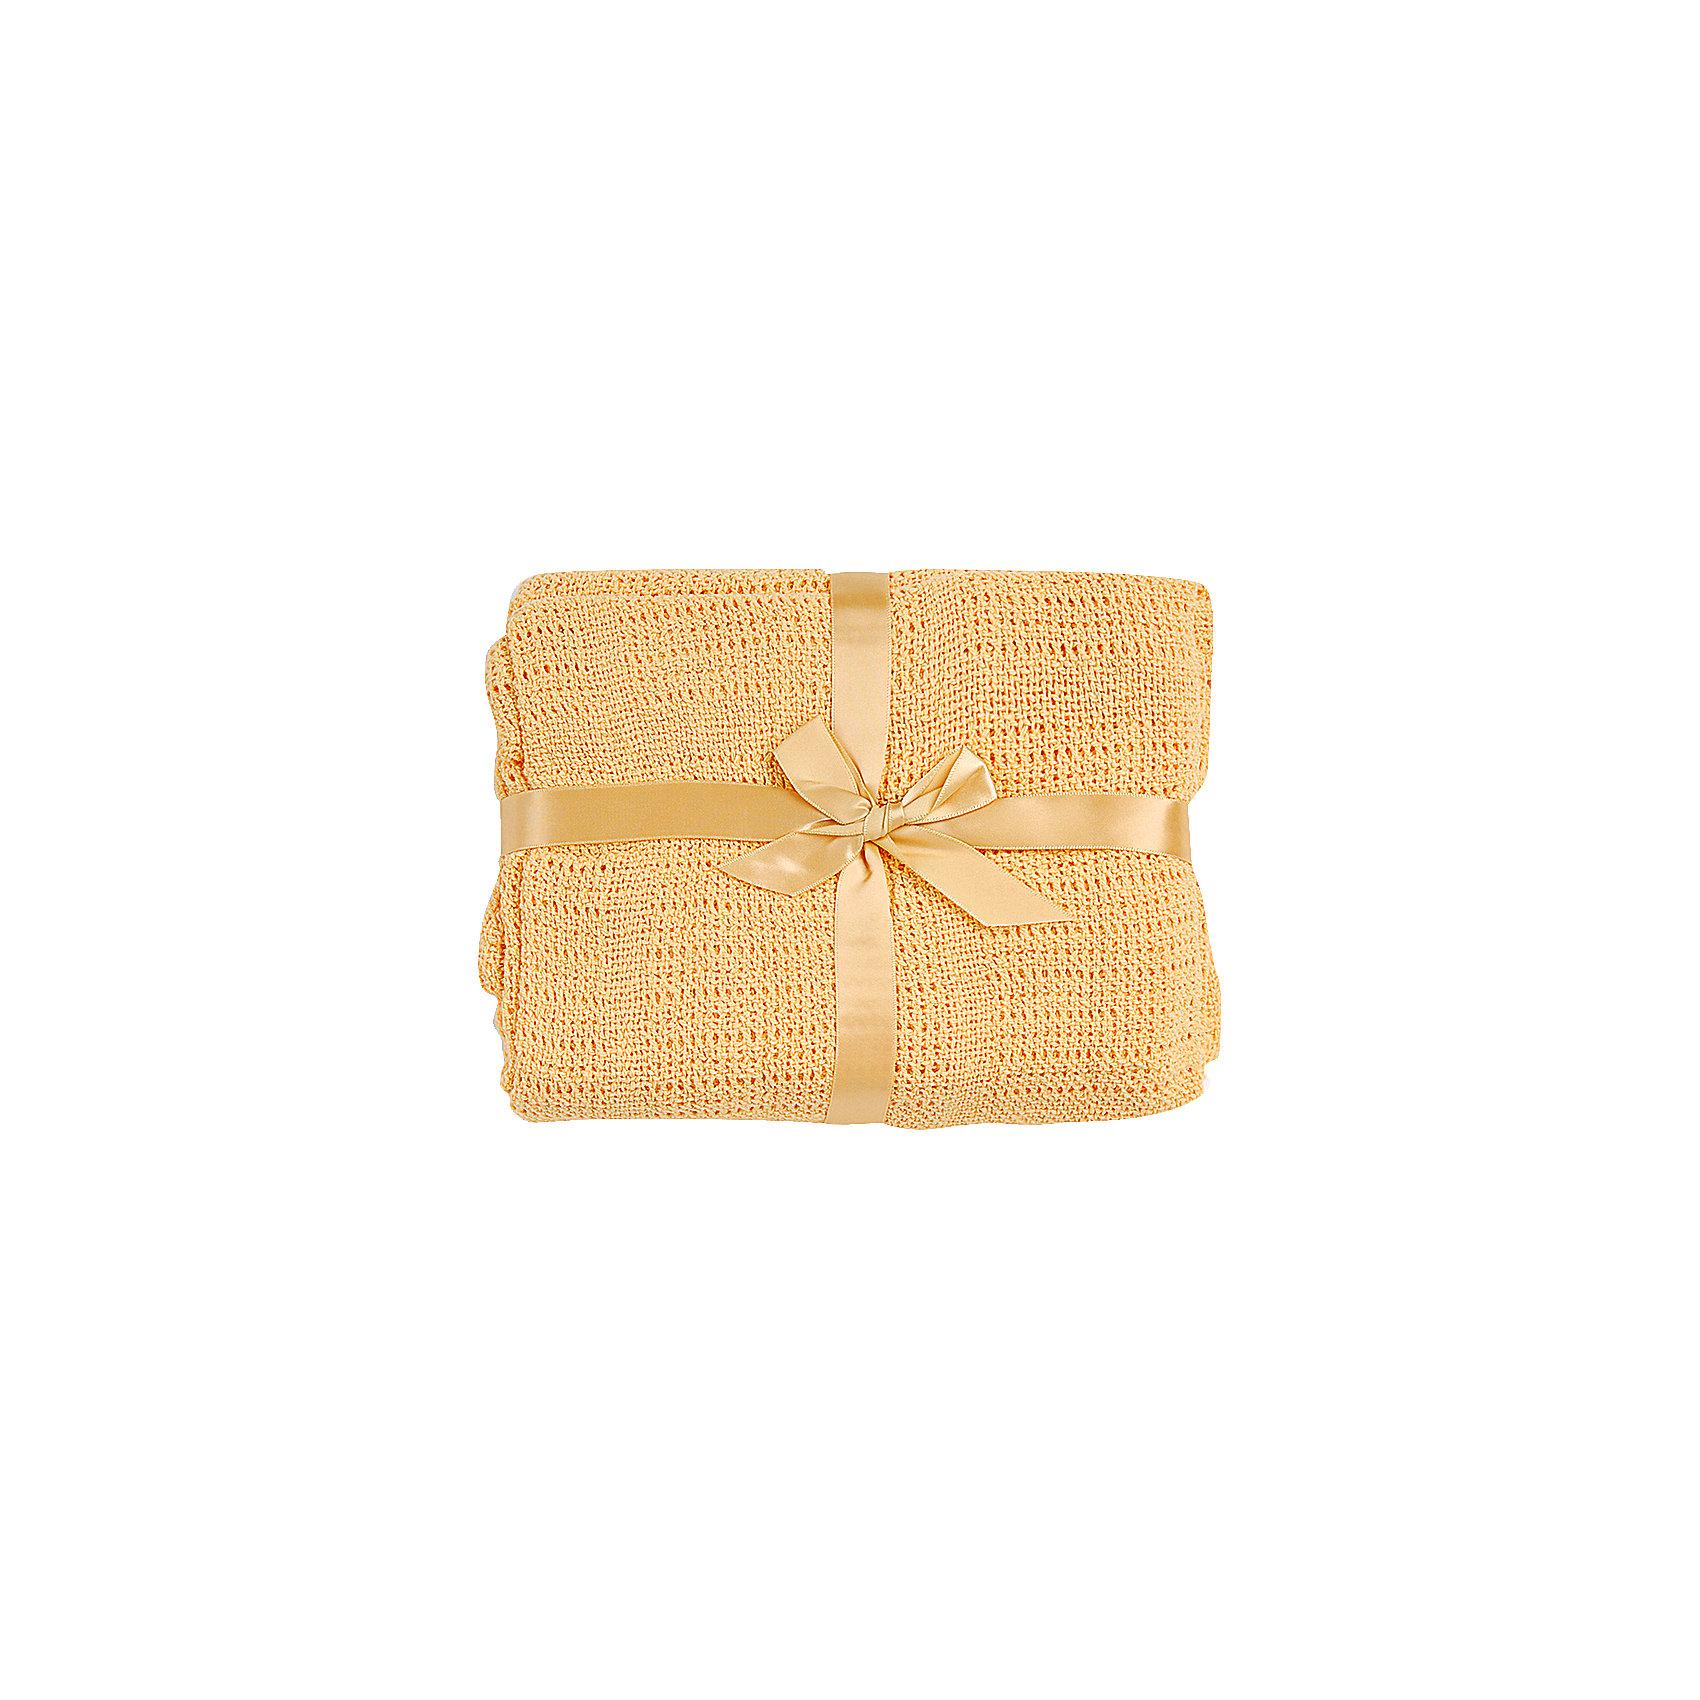 Одеяло детское вязанное 100х140 Baby Nice, желтыйОдеяла, пледы<br>Мягкое вязаное одеяло можно использовать дома или же на улице. Изготовлено из натурального хлопка, прекрасно пропускает воздух и сохраняет тепло, гипоаллергенно. Одеяло имеет нежную расцветку и очень приятно наощупь - идеальный вариант для малышей с самого рождения! <br><br>Дополнительная информация:<br><br>- Материал: хлопок 100%.<br>- Размер: 100х140 см.<br>- Цвет: желтый.<br><br>Одеяло детское вязаное 100х140 Baby Nice (Беби Найс), желтое, можно купить в нашем магазине.<br><br>Ширина мм: 20<br>Глубина мм: 5<br>Высота мм: 20<br>Вес г: 400<br>Возраст от месяцев: 0<br>Возраст до месяцев: 60<br>Пол: Унисекс<br>Возраст: Детский<br>SKU: 4058278